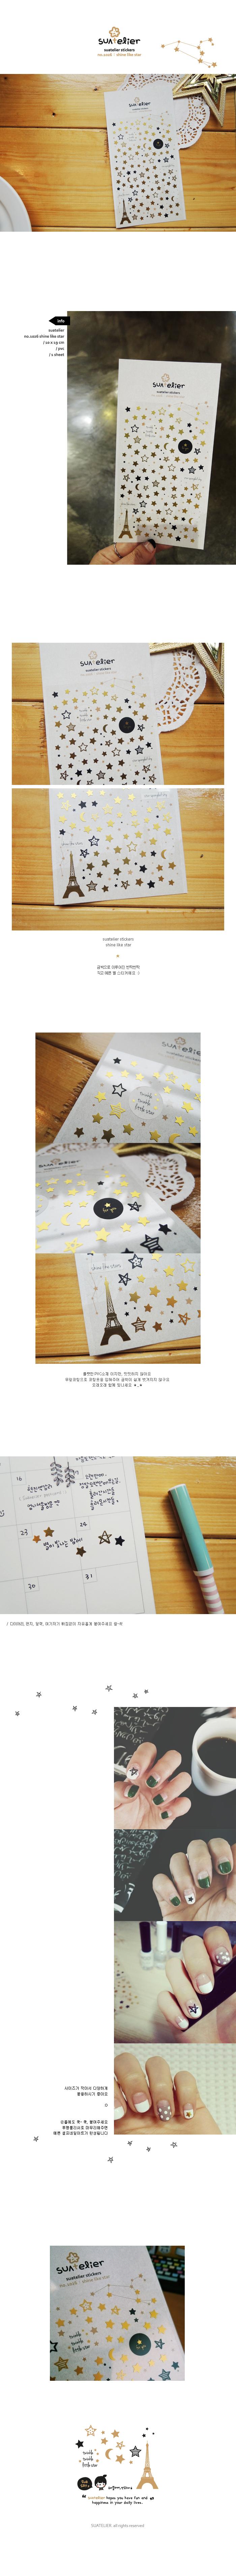 1026 shine like star1,800원-슈아뜰리에디자인문구, 데코레이션, 스티커, 디자인스티커바보사랑1026 shine like star1,800원-슈아뜰리에디자인문구, 데코레이션, 스티커, 디자인스티커바보사랑